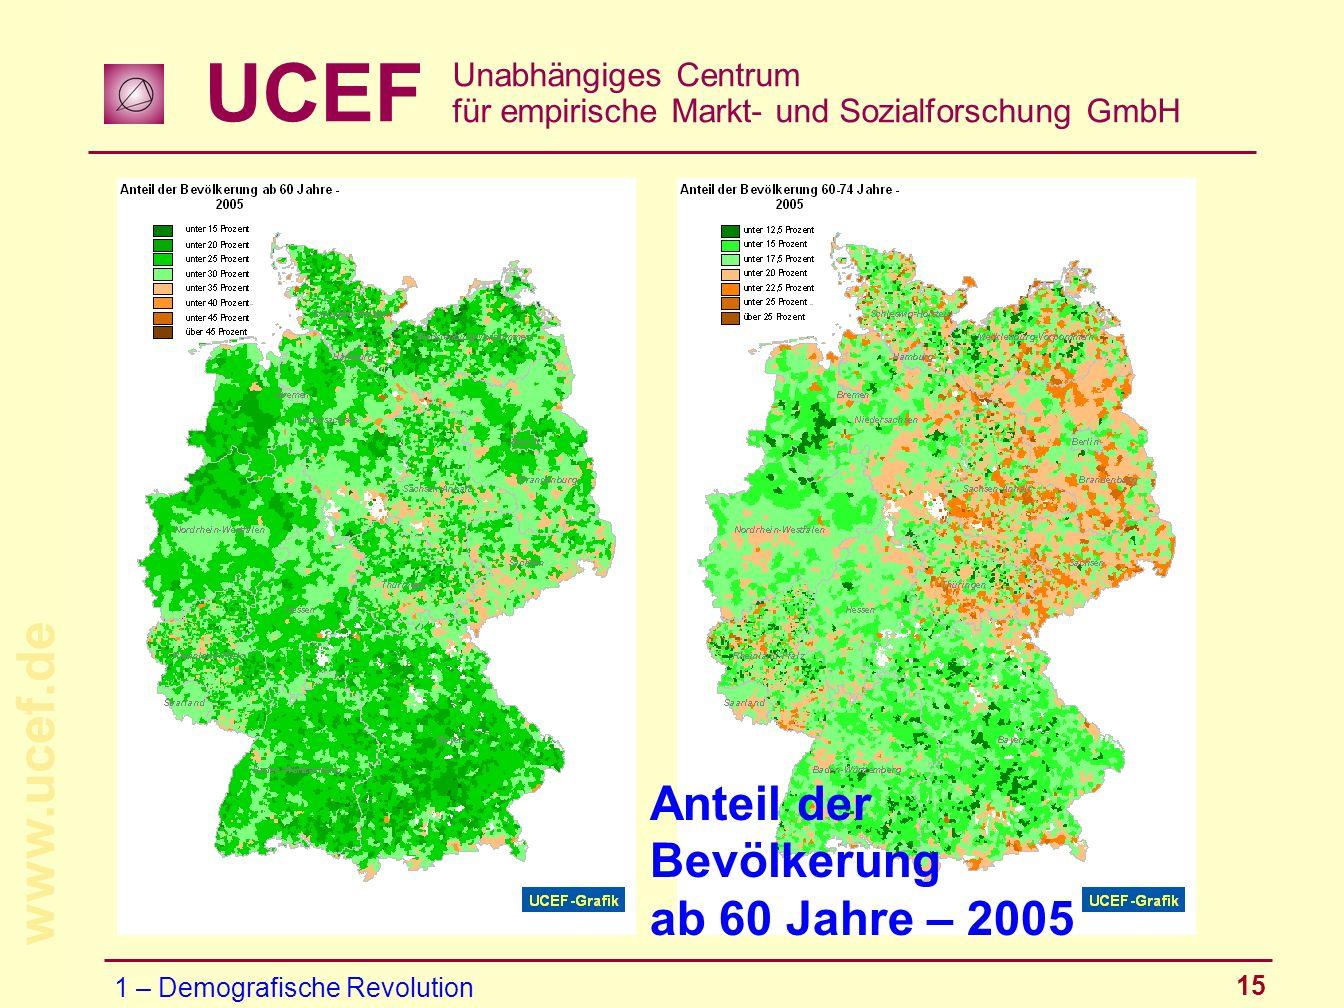 Anteil der Bevölkerung ab 60 Jahre – 2005 1 – Demografische Revolution